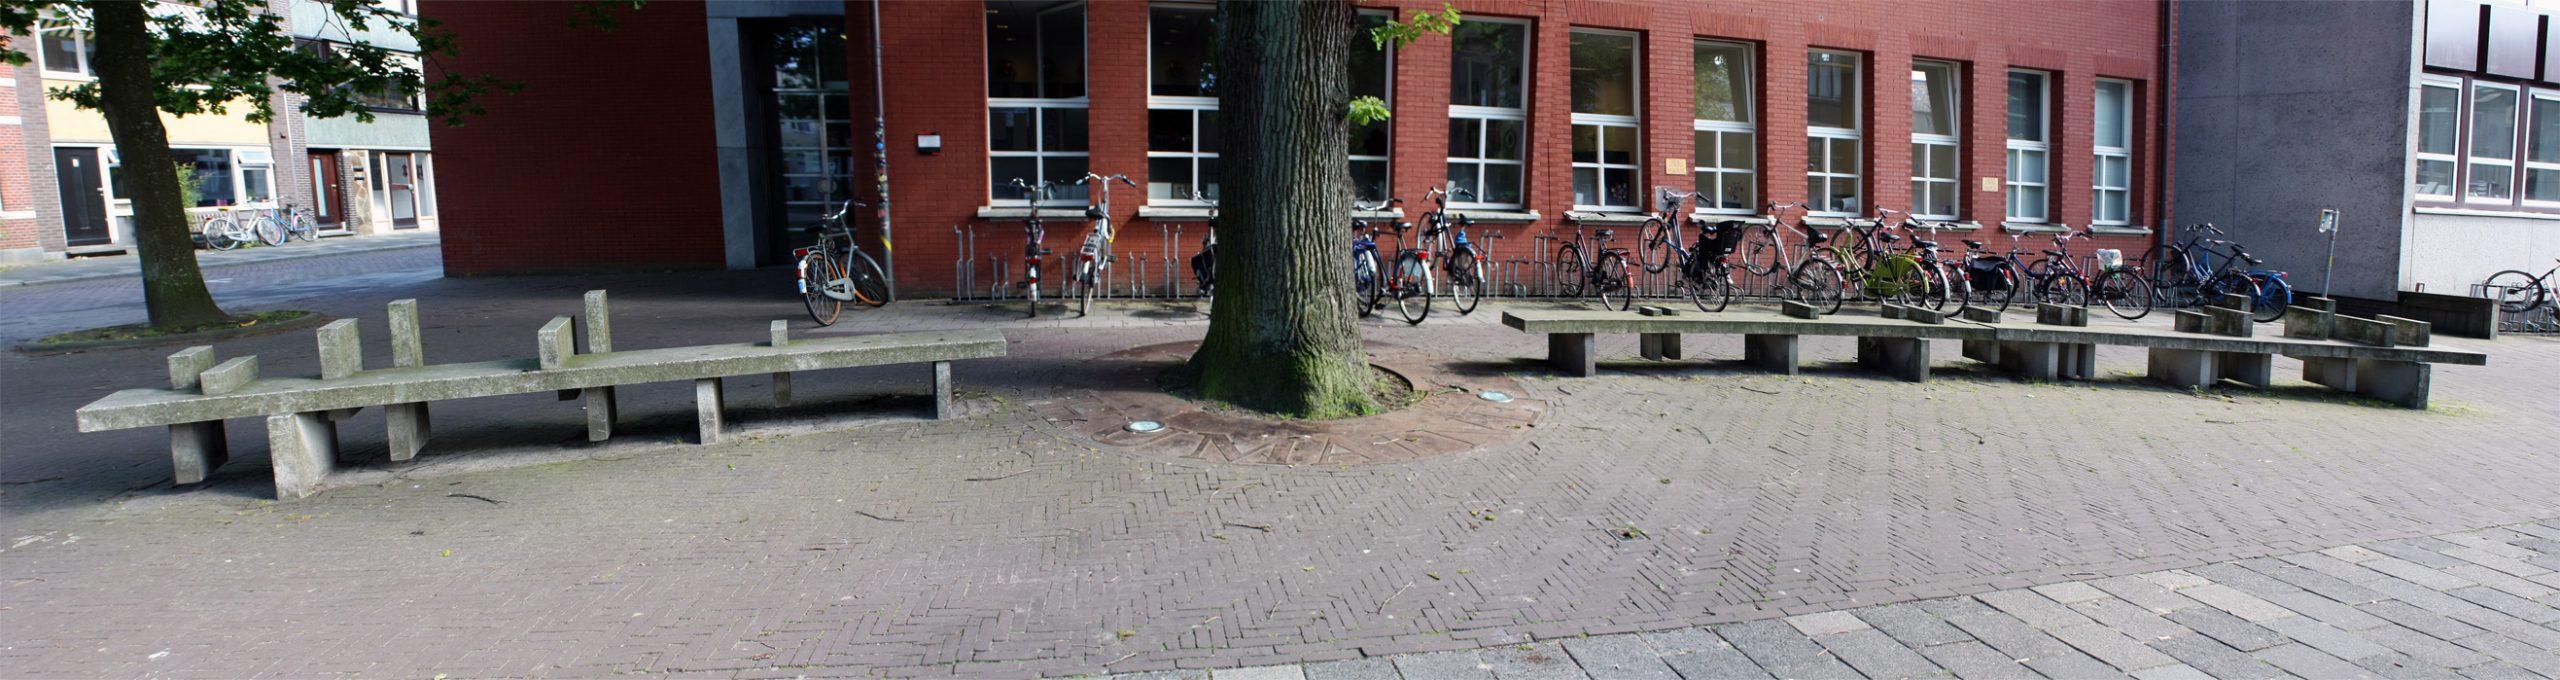 cc common.wikimedia.org La condition humaine, van Lex Bekink, Grote Kruisstraat, Groningen